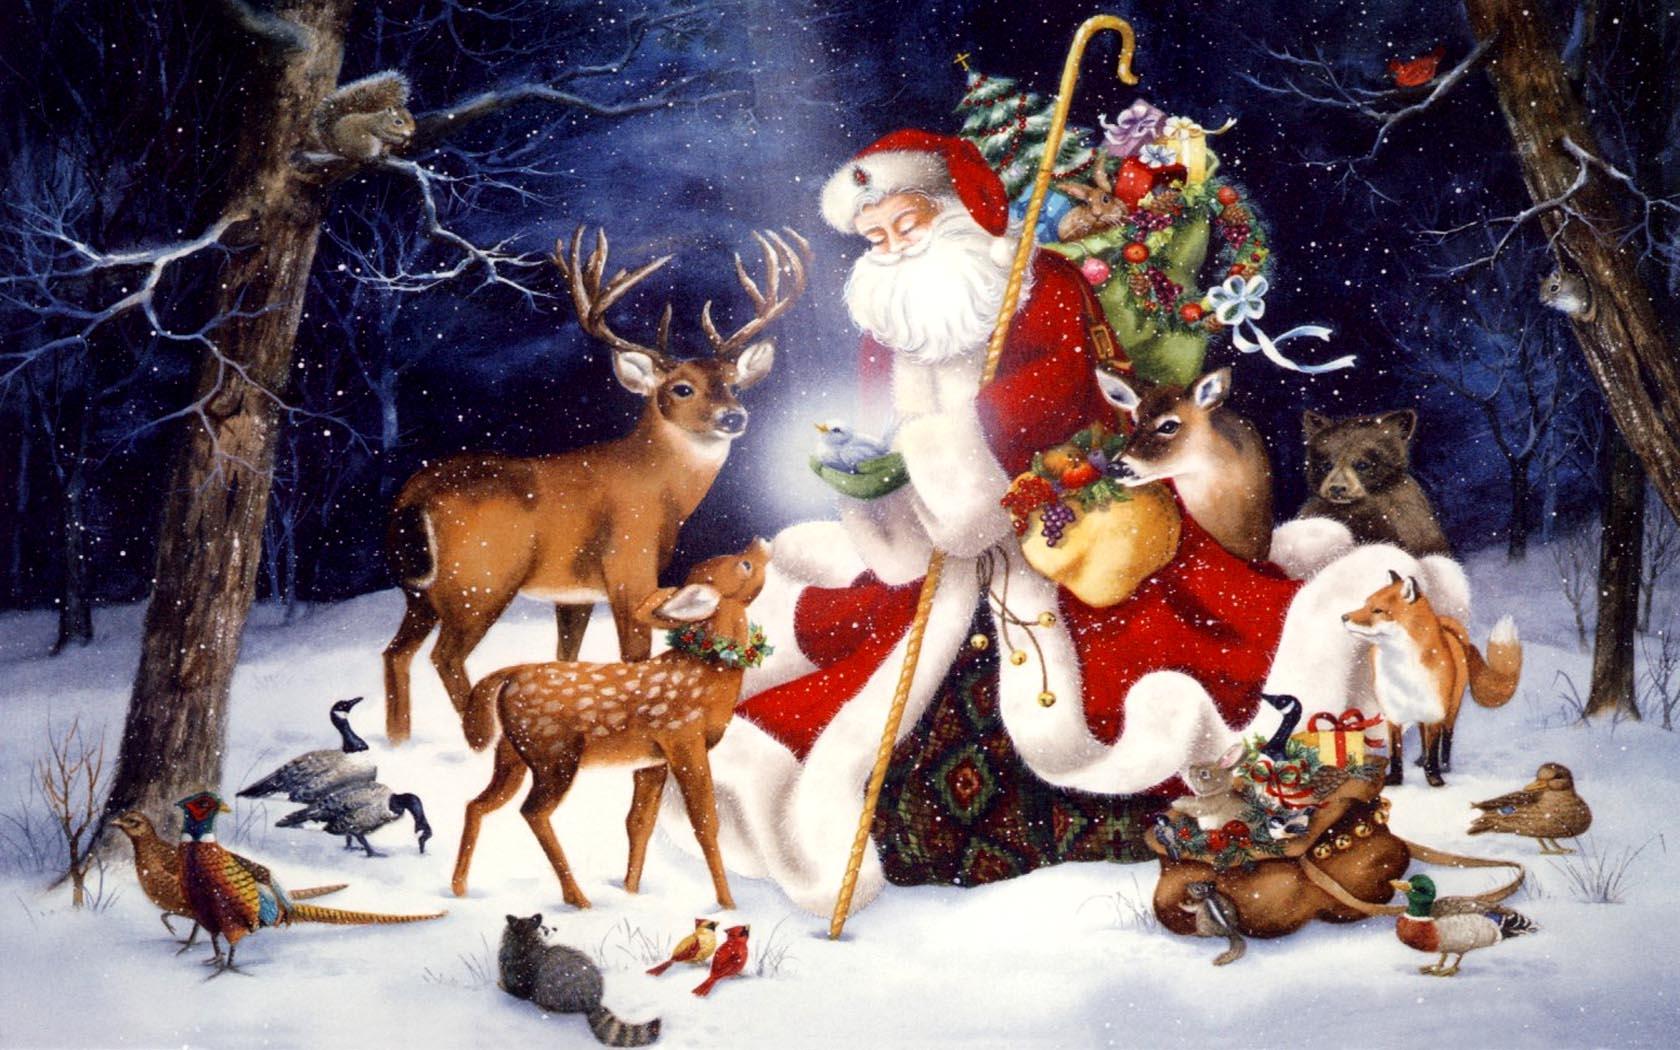 Christmas Images Christmas Screensavers Wallpaper Free Christmas